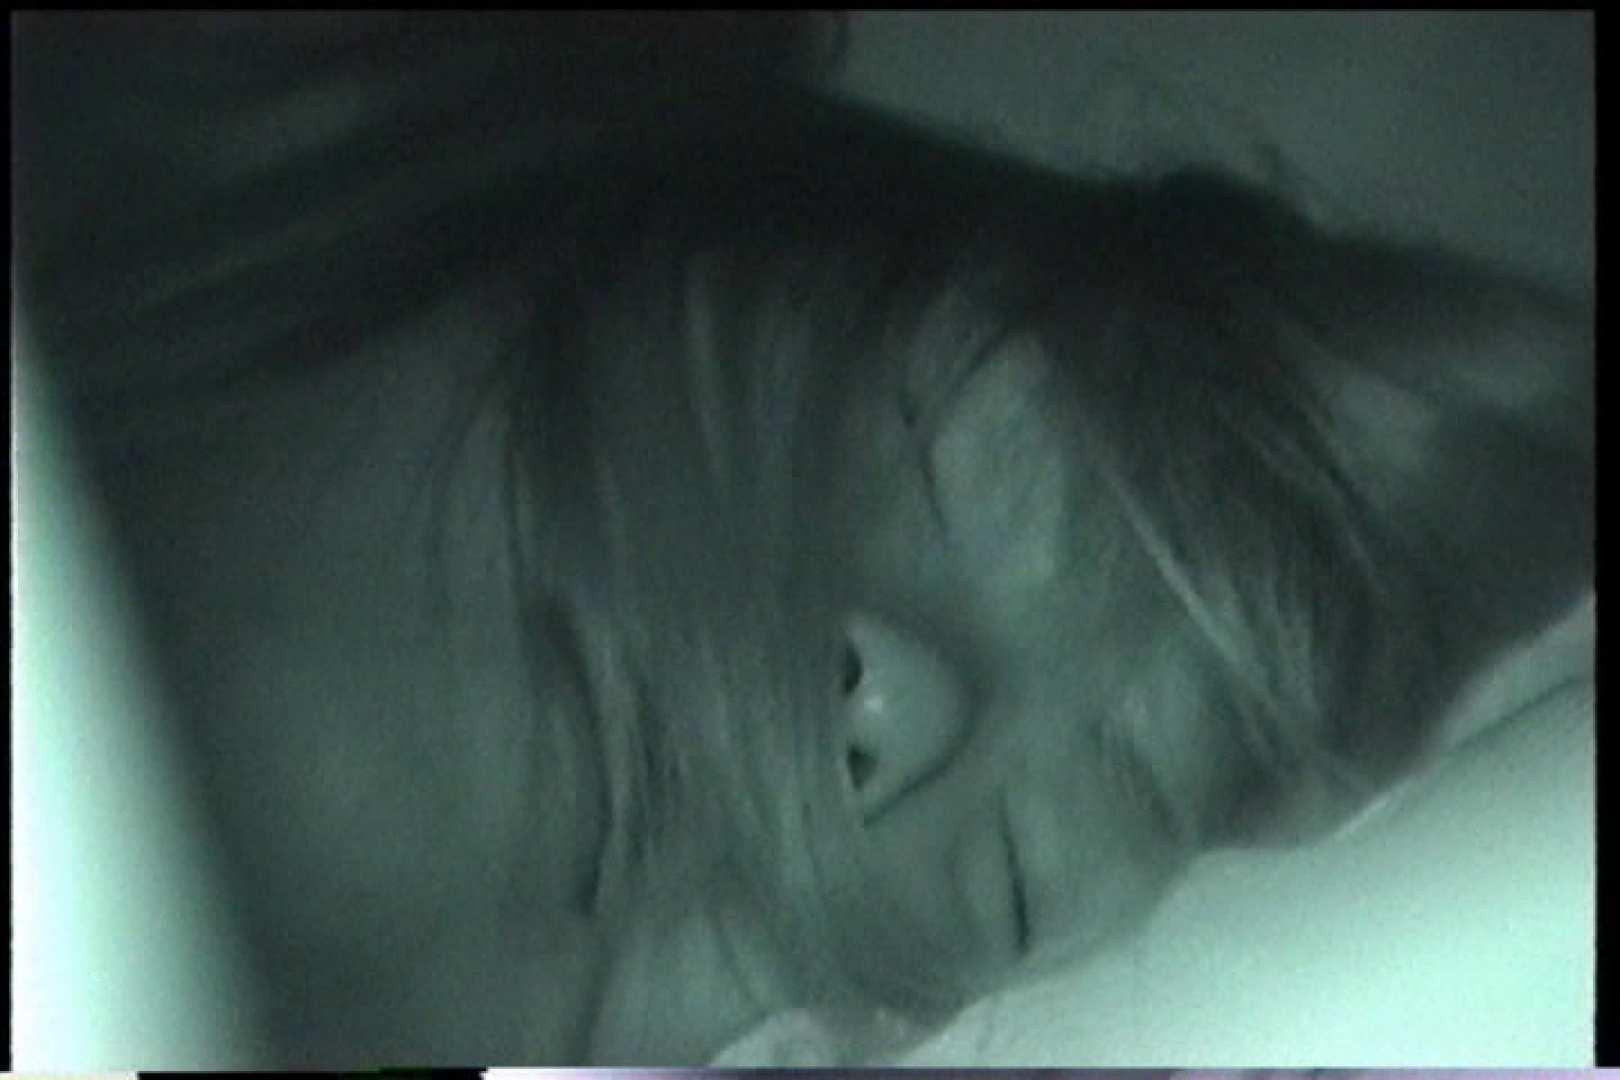 充血監督の深夜の運動会Vol.225 エロティックなOL エロ画像 59画像 42